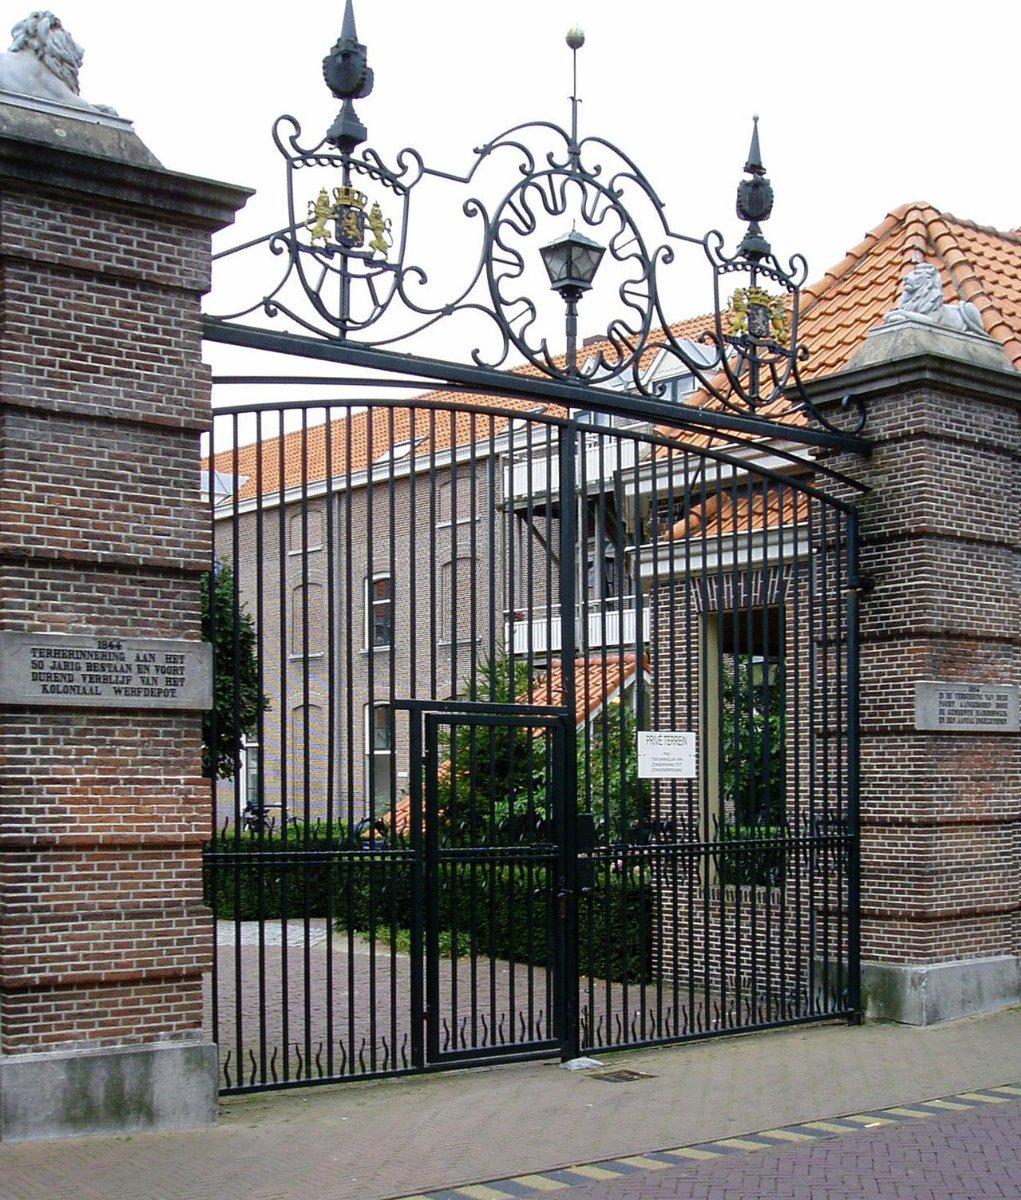 Toegangspoort van het voormalige Koloniaal Werf Depot (kazerne van het KNIL) in Harderwijk, nu een appartementencomplex.